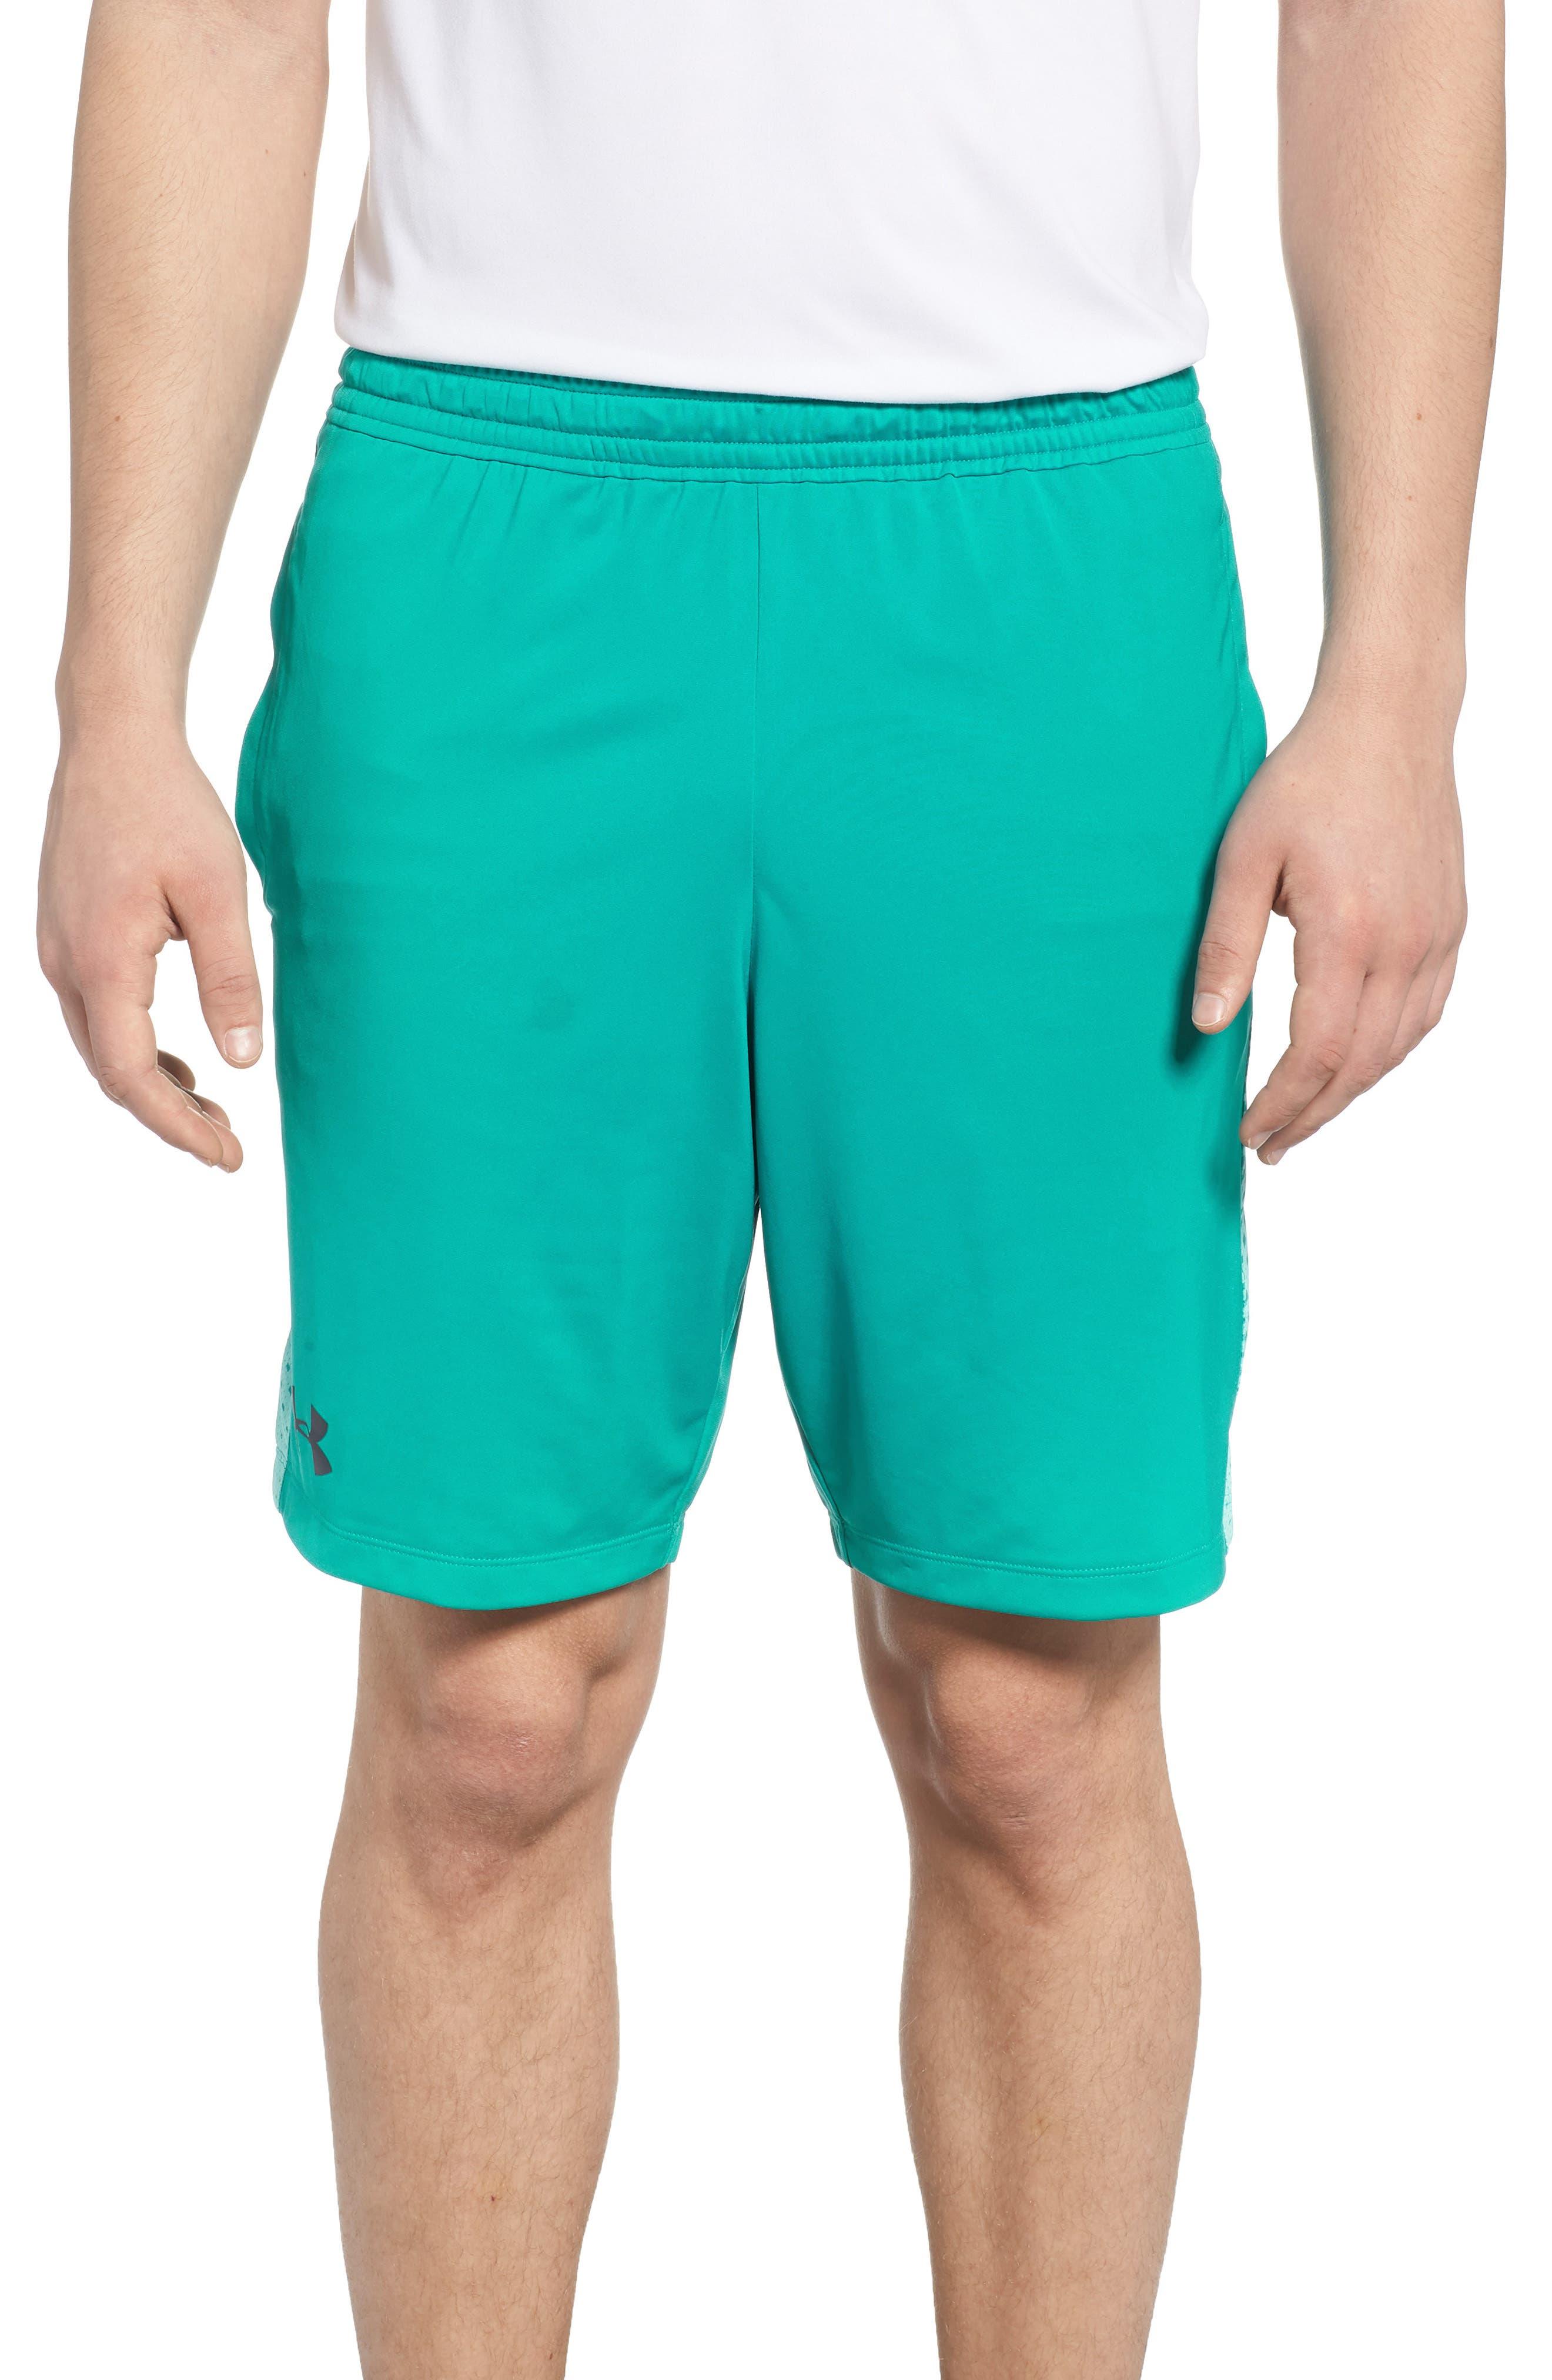 Mk1 Inset Fade Shorts,                         Main,                         color, SWALLOWTAIL / TIDE / GREY